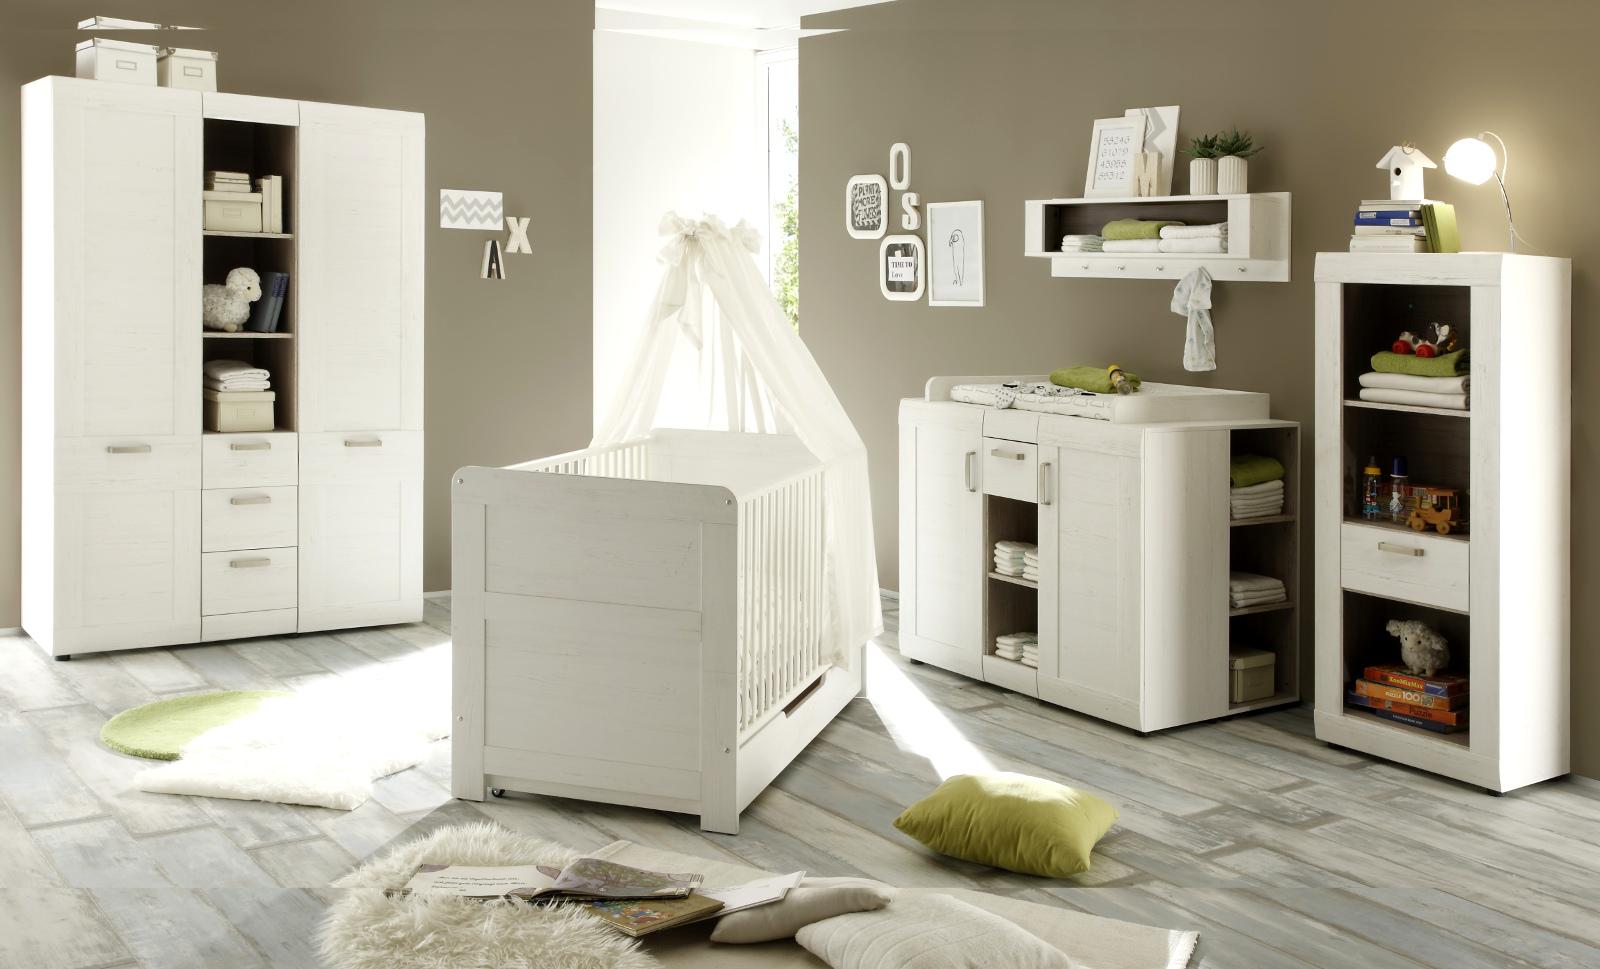 Babyzimmer weiß komplett  Babyzimmer komplett 6-teilig Pinie weiß Struktur